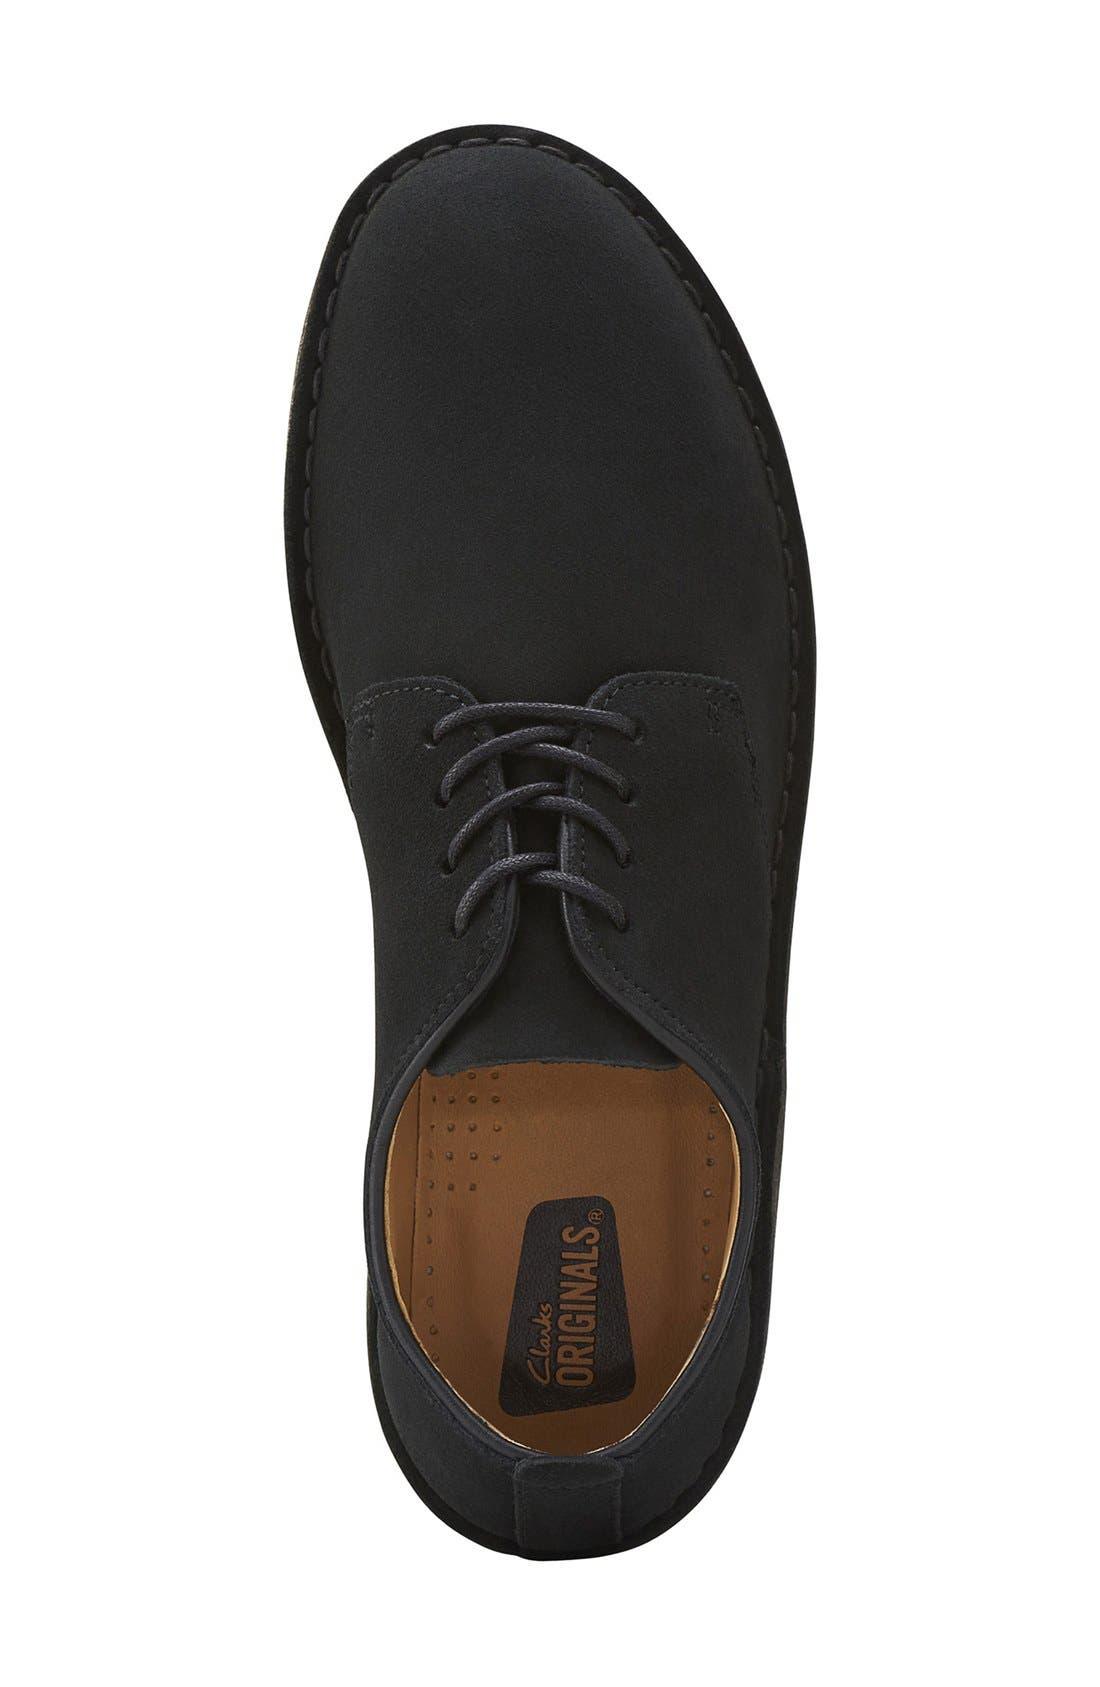 Clarks<sup>®</sup> 'Desert London' Plain Toe Derby,                             Alternate thumbnail 3, color,                             Black Suede